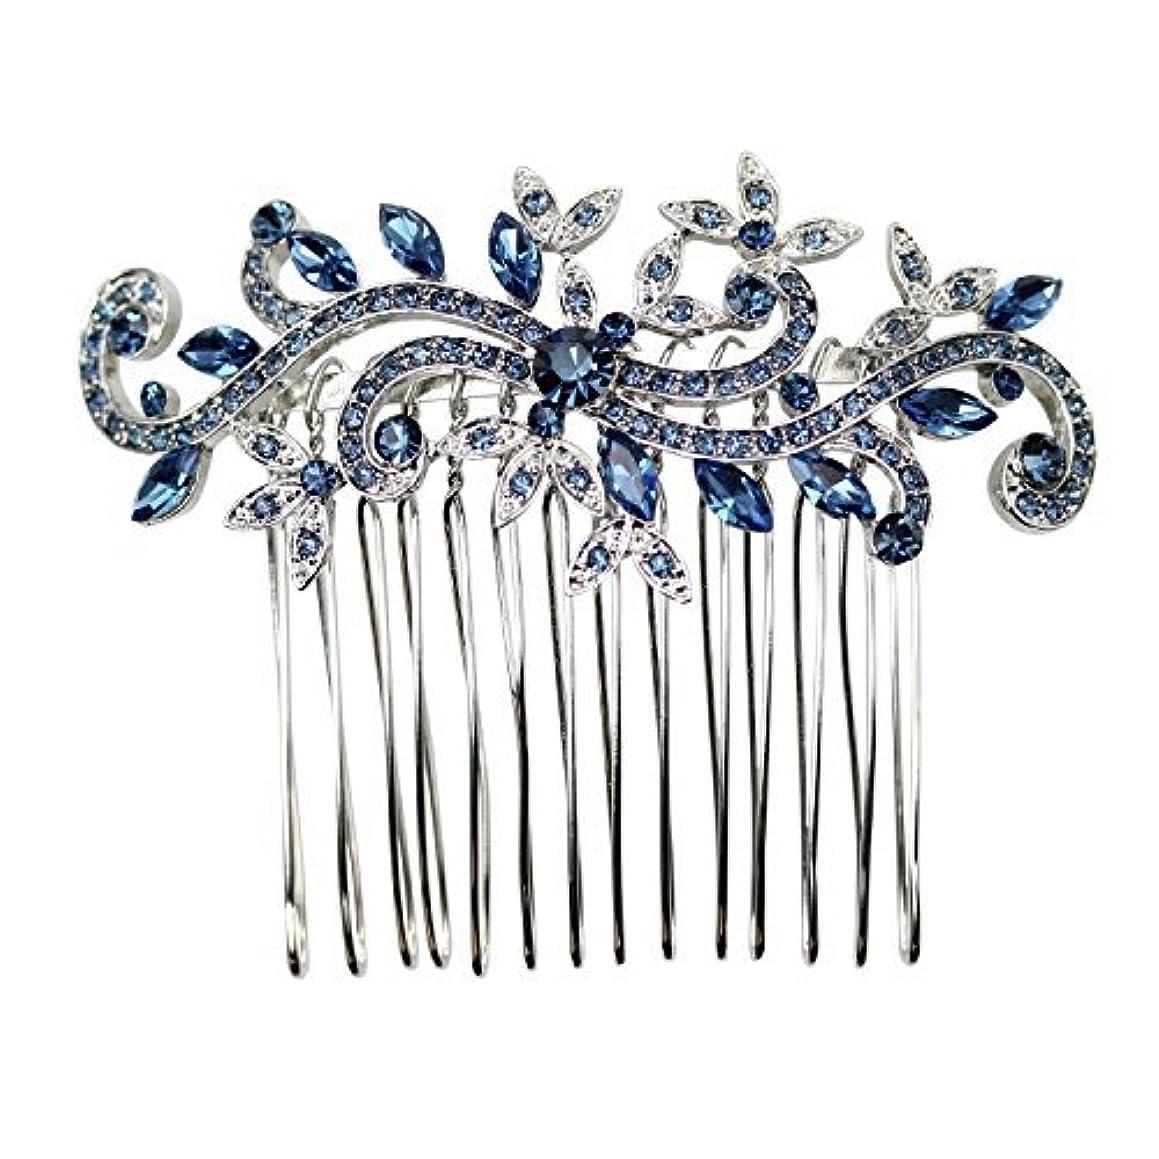 レクリエーション花婿振幅Faship Gorgeous Navy Blue Crystal Floral Hair Comb [並行輸入品]